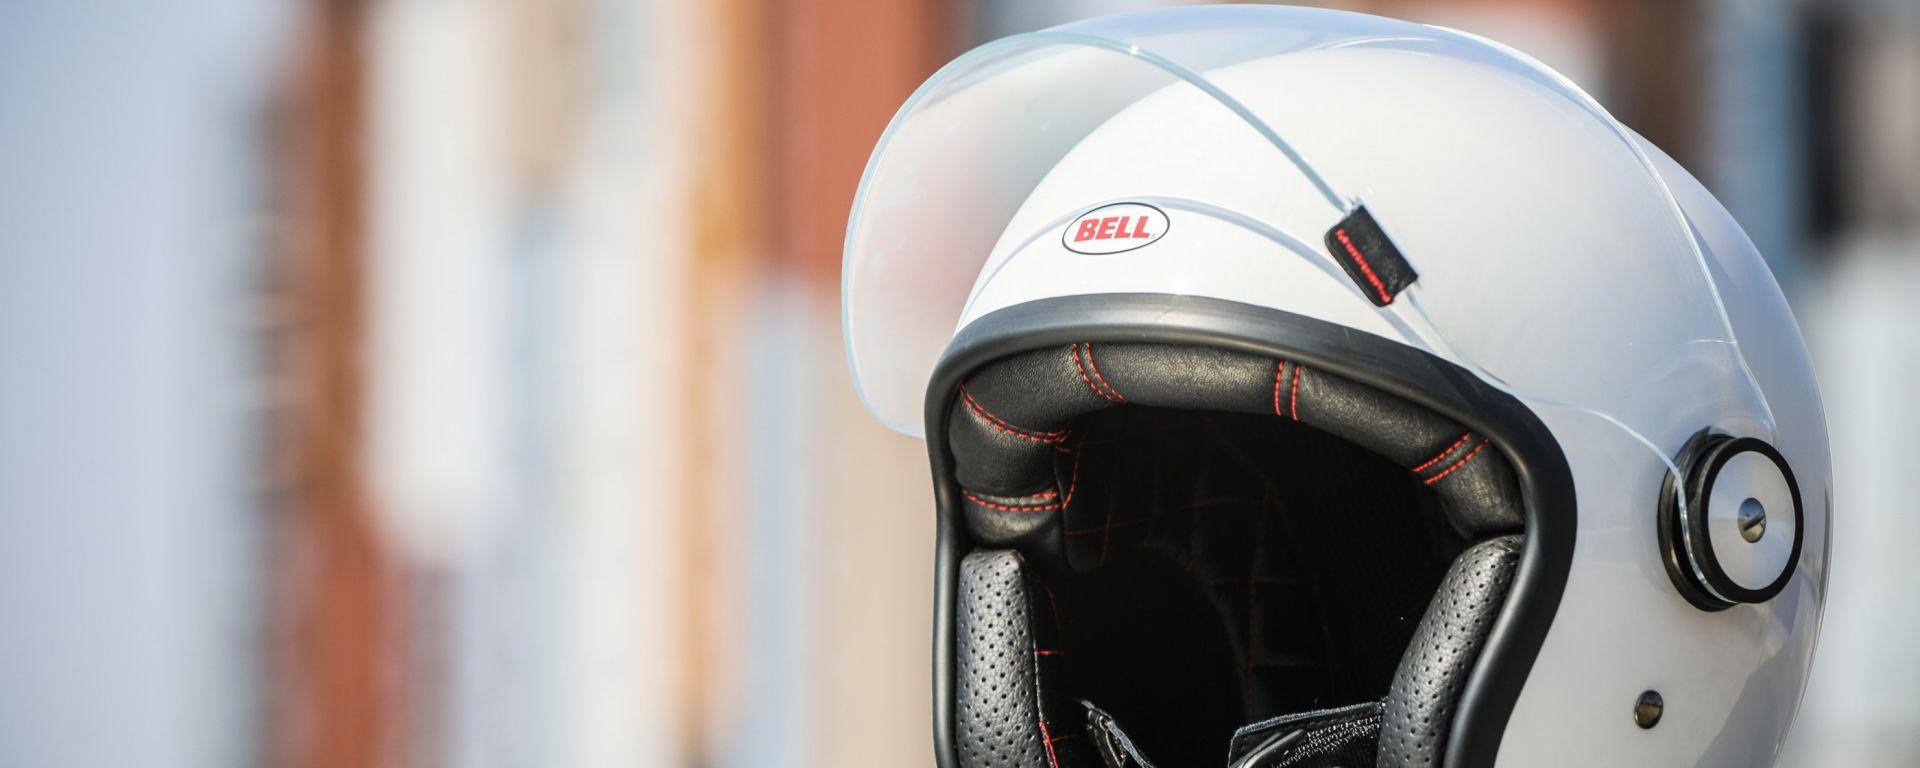 Bell Riot: il primo casco jet con visiera apribile di Bell costa 243 Euro